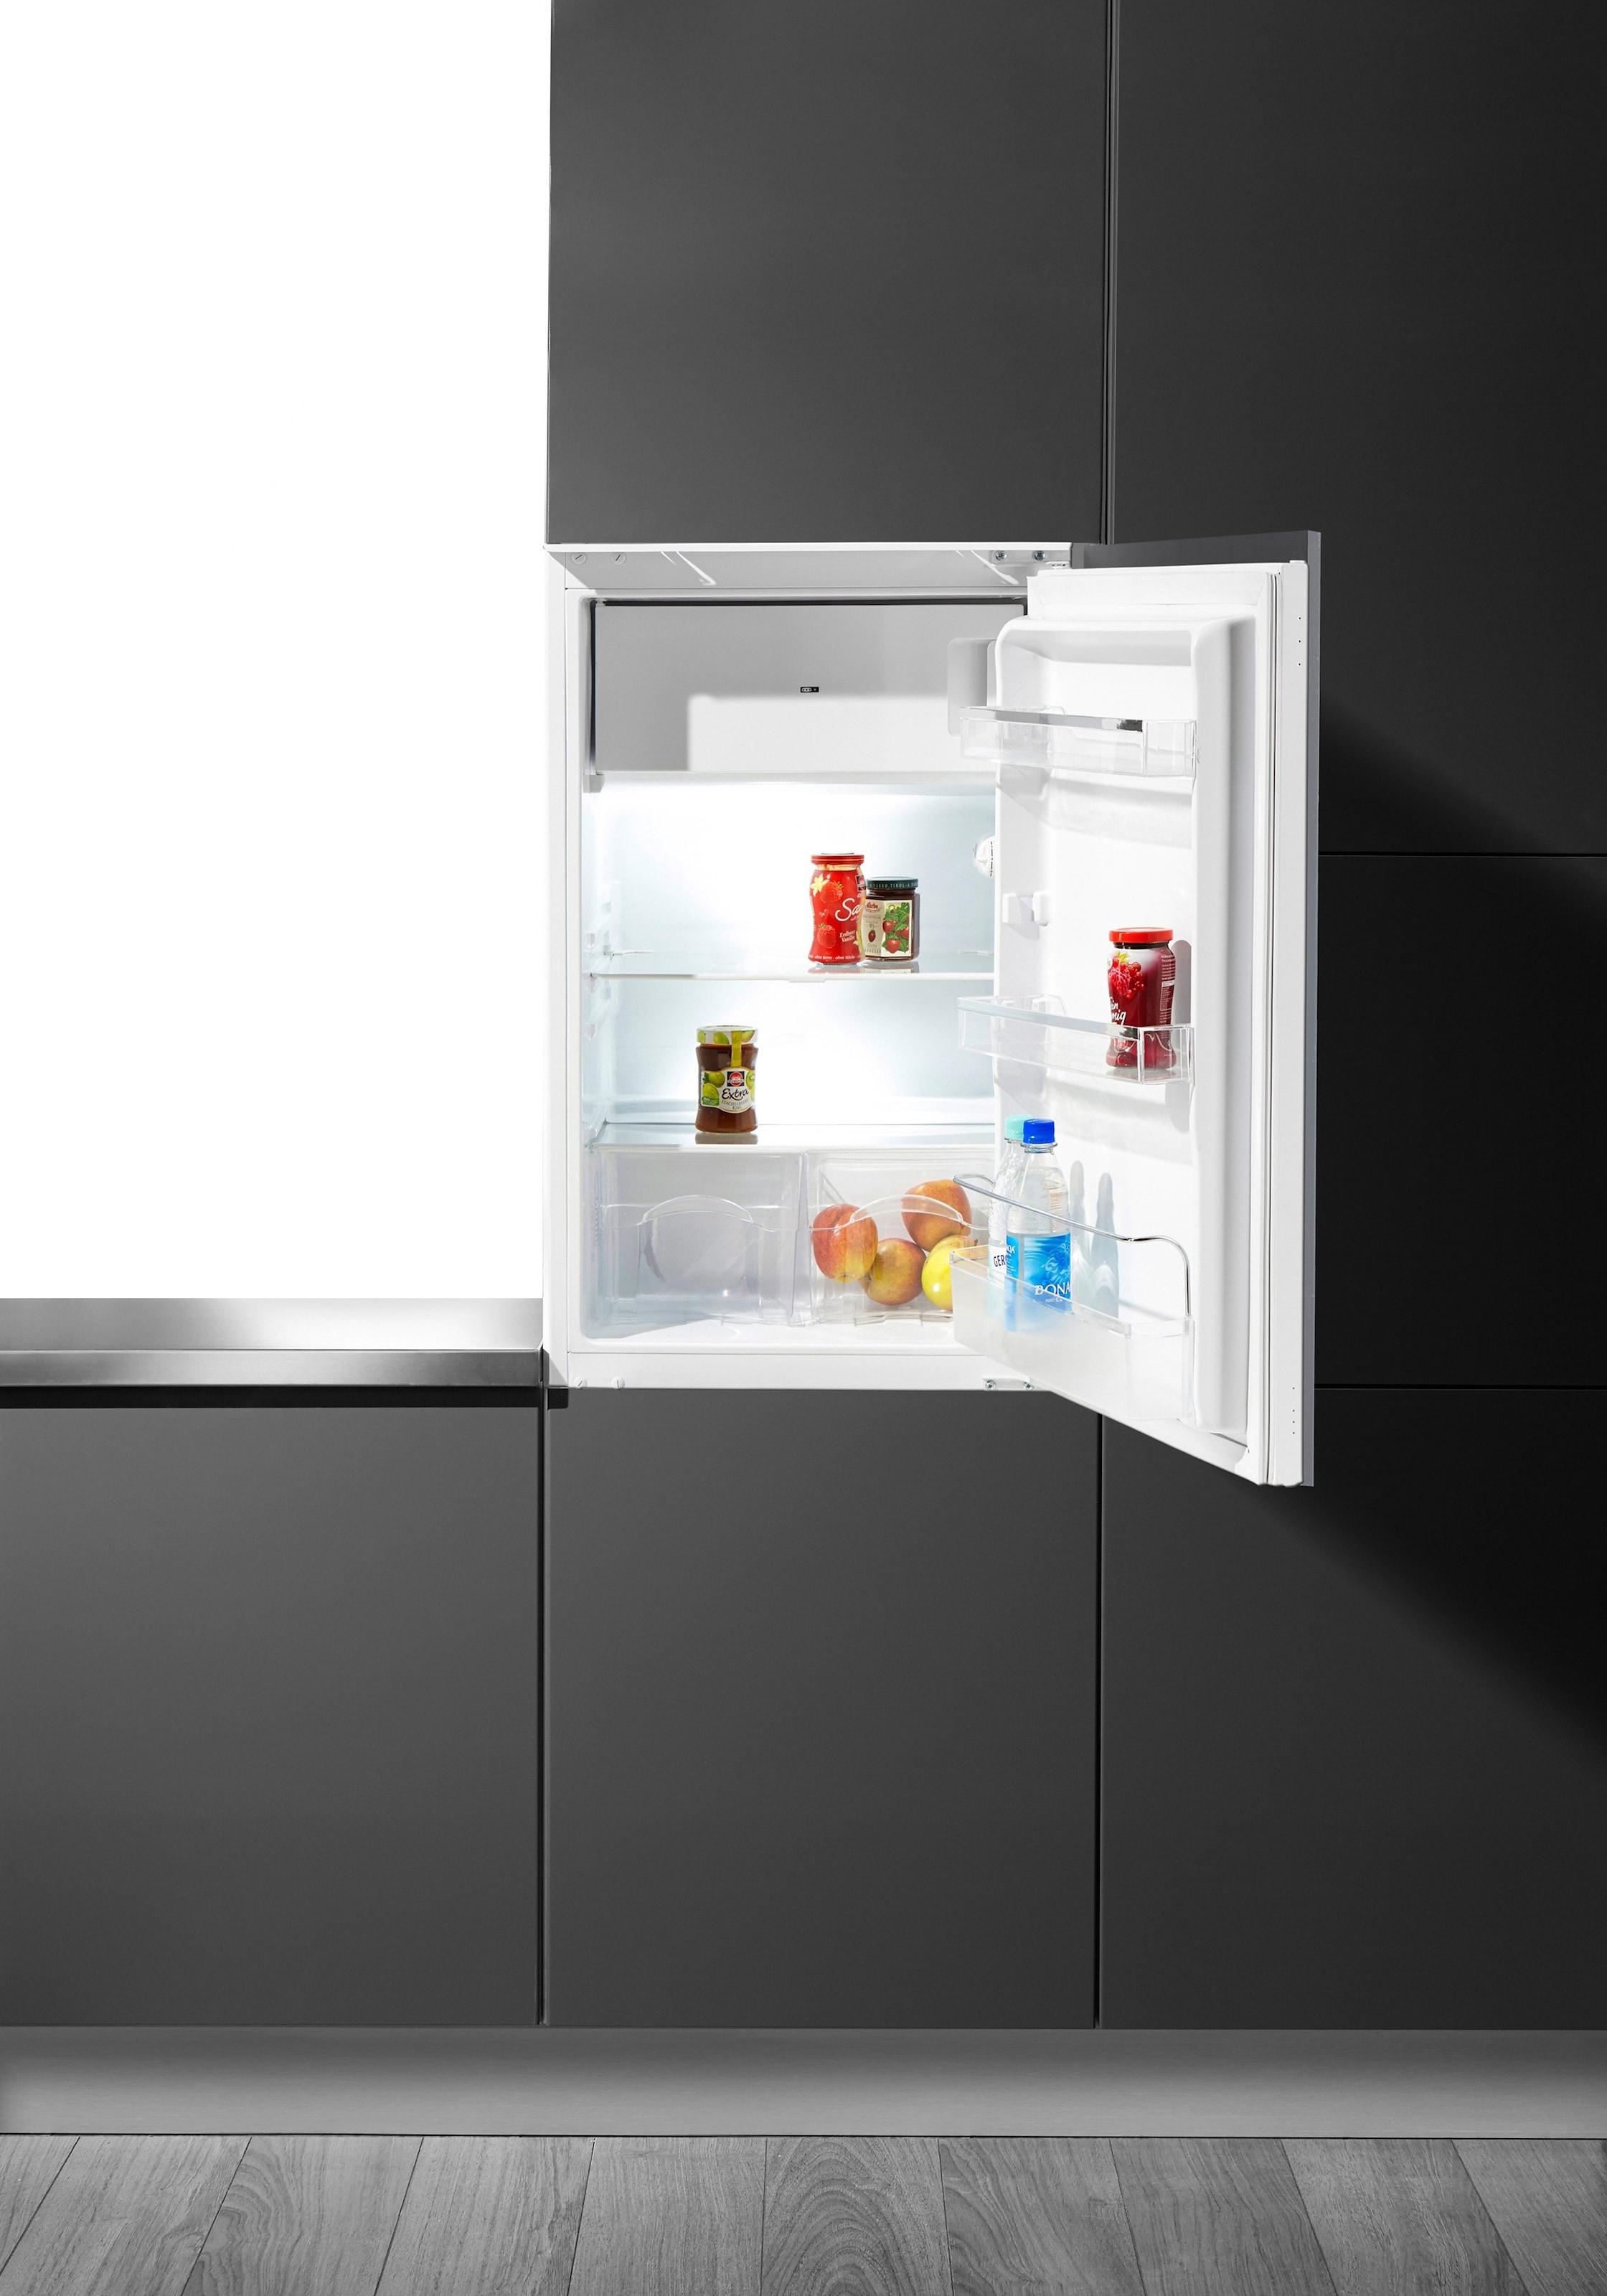 Kühlschrank Integrierbar Ohne Gefrierfach : Einbaukühlschränke mit gefrierfach im baur onlineshop auf